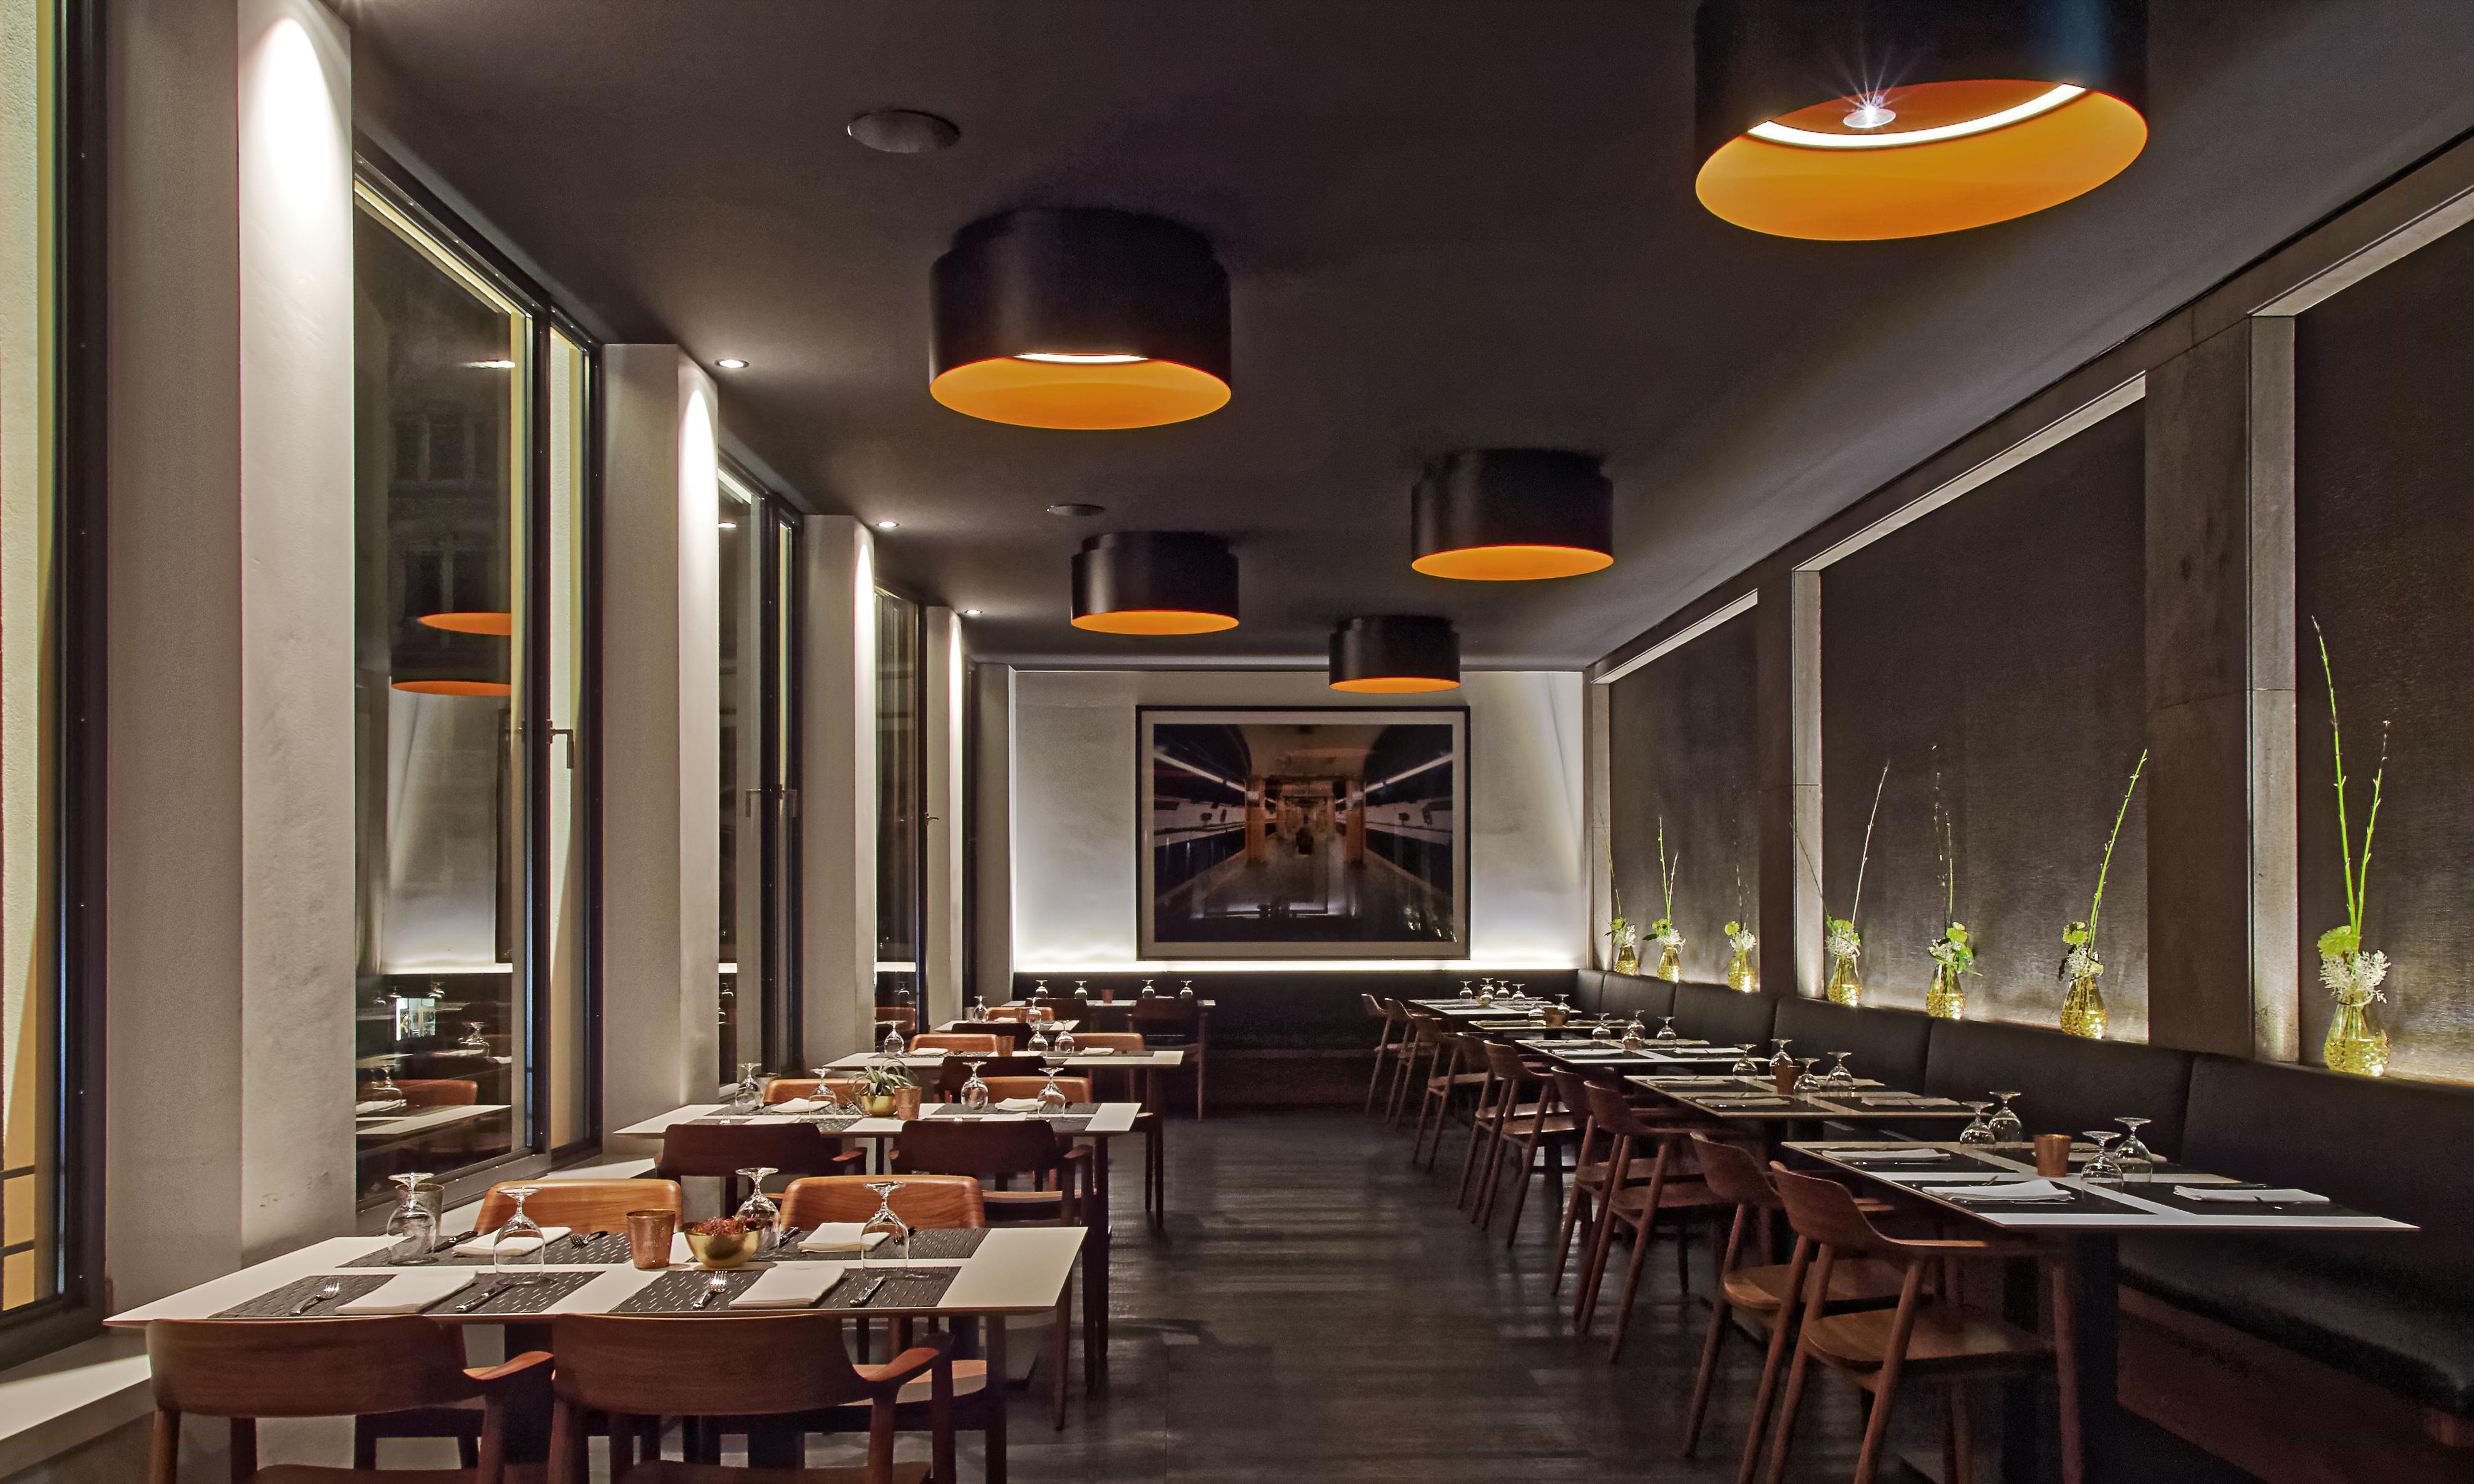 Chang City Restaurant, Munich